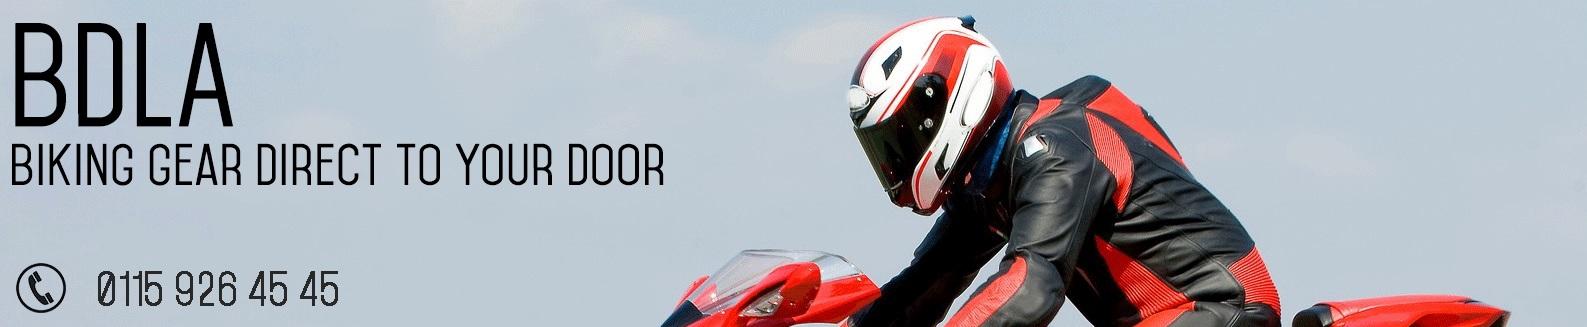 BDLA Motorbikes - Biking Gear Direct To Your Door